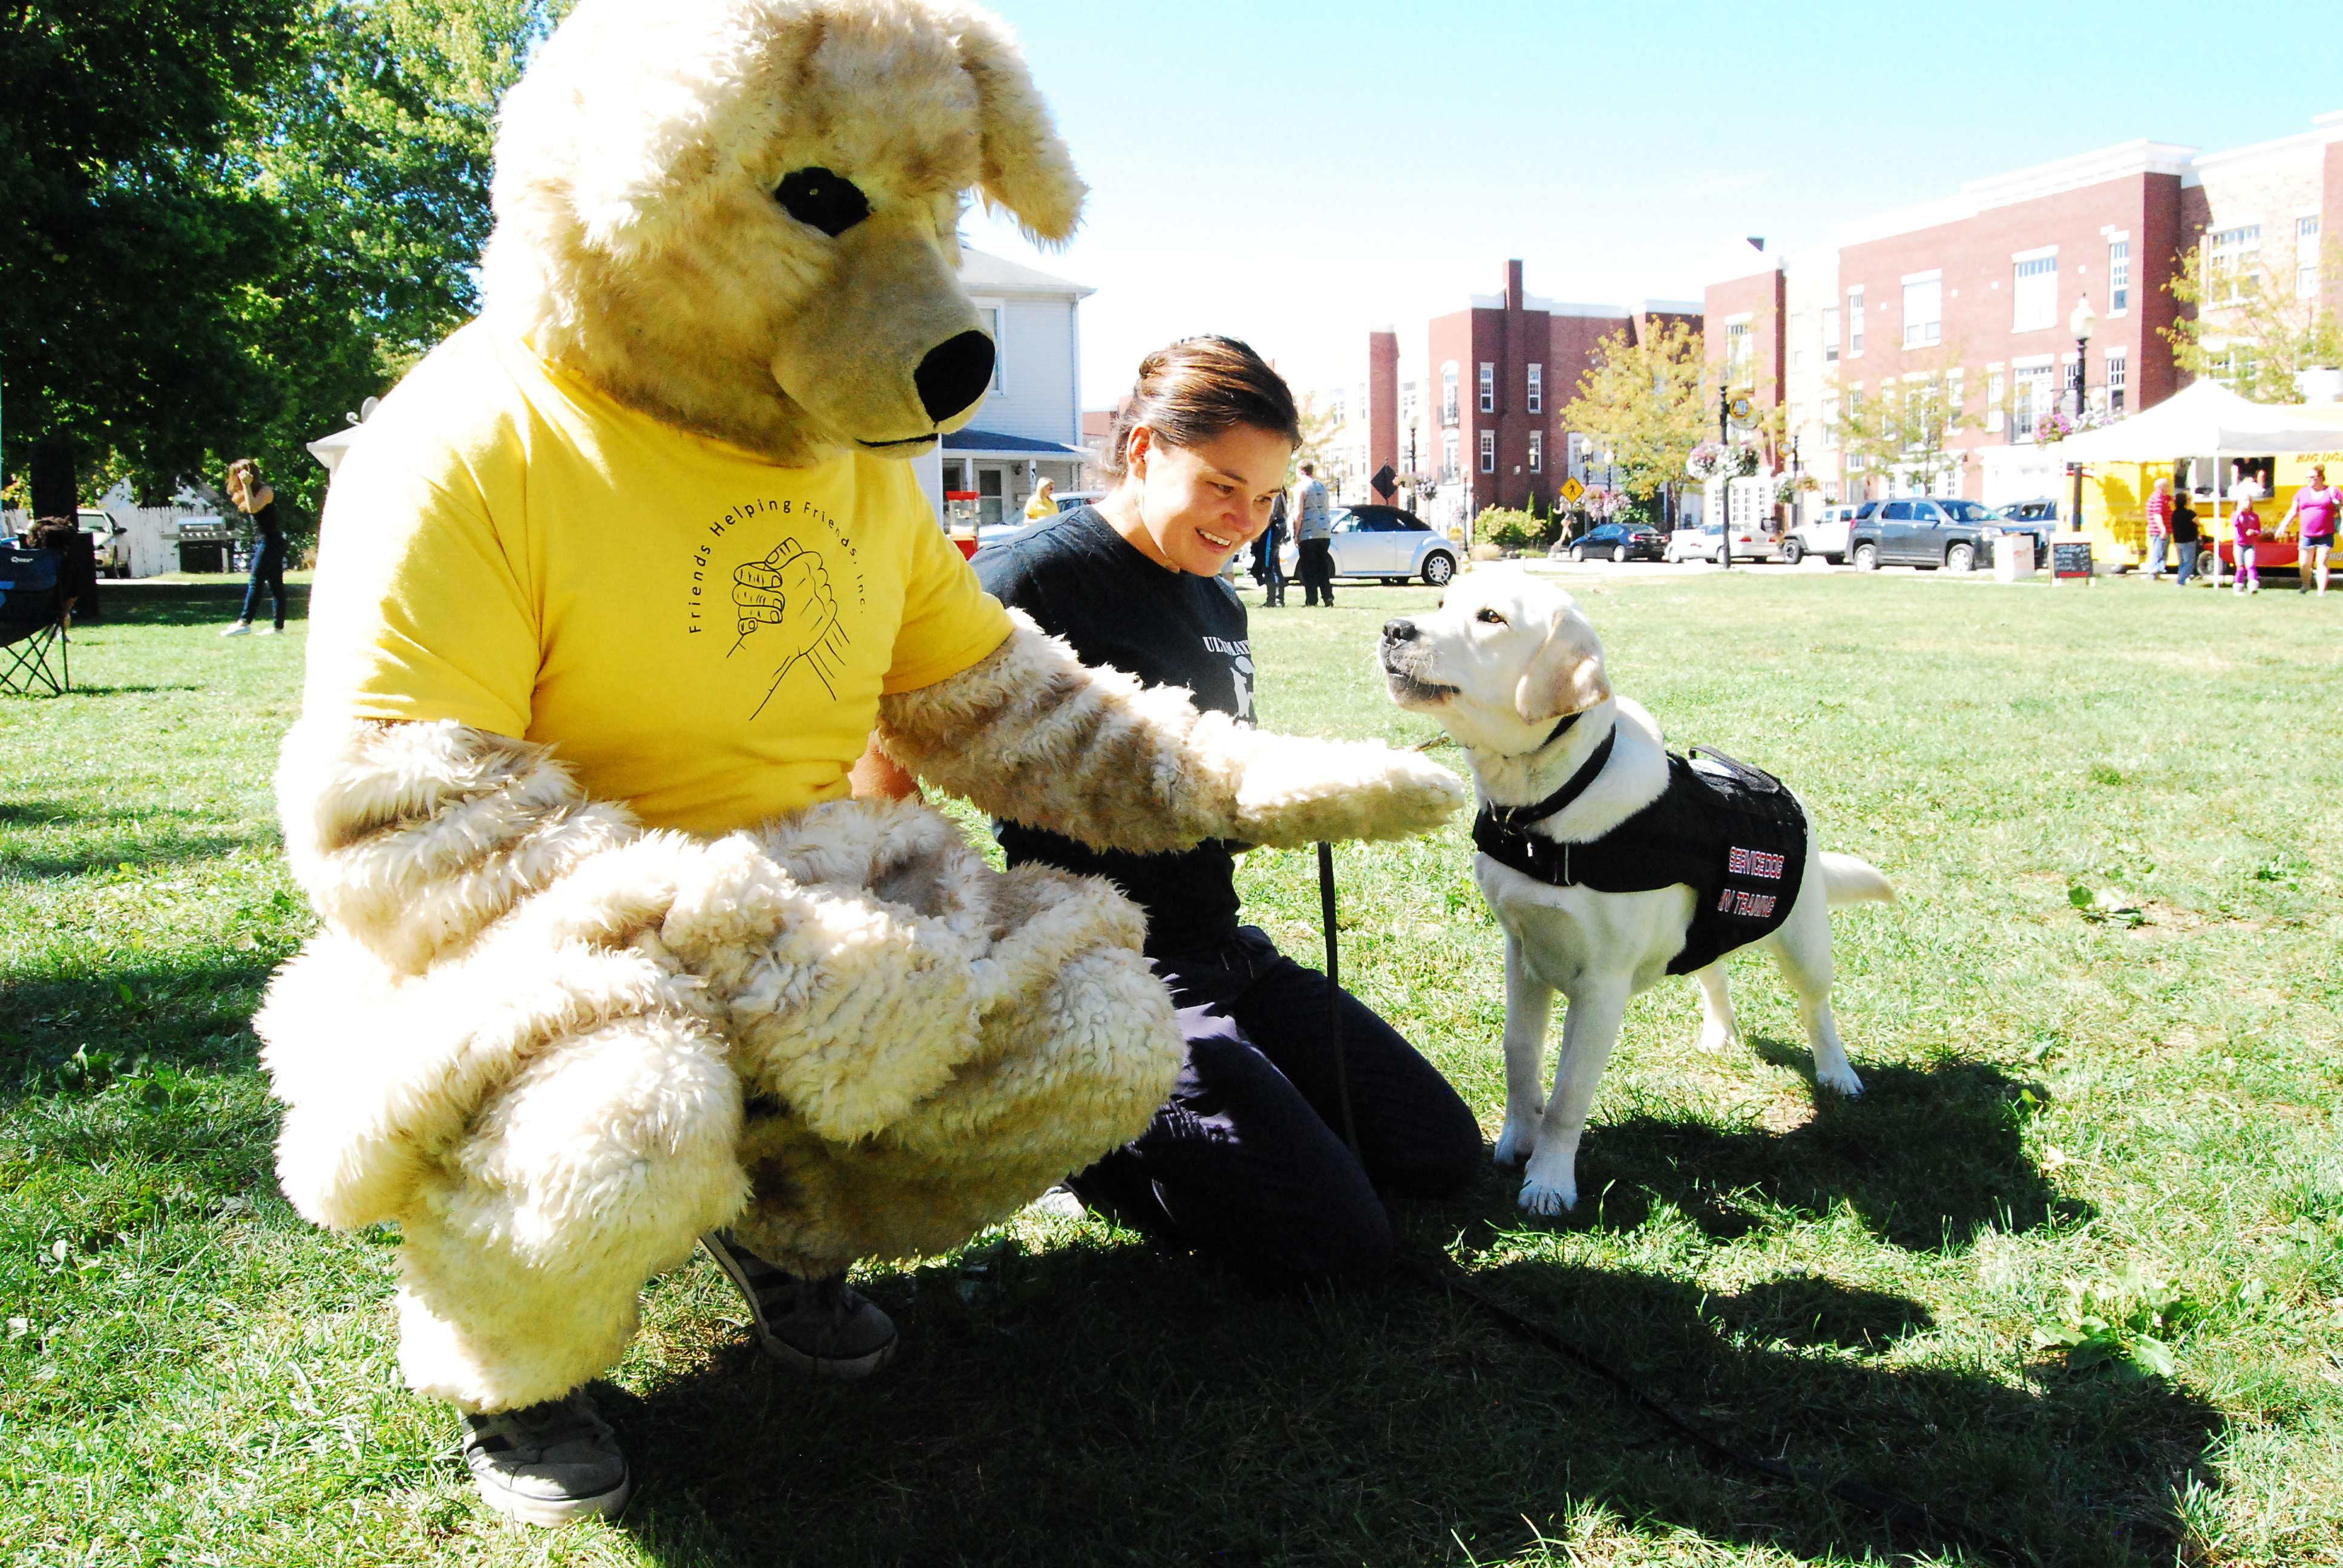 Sunny the mascot meets Sunny the dog